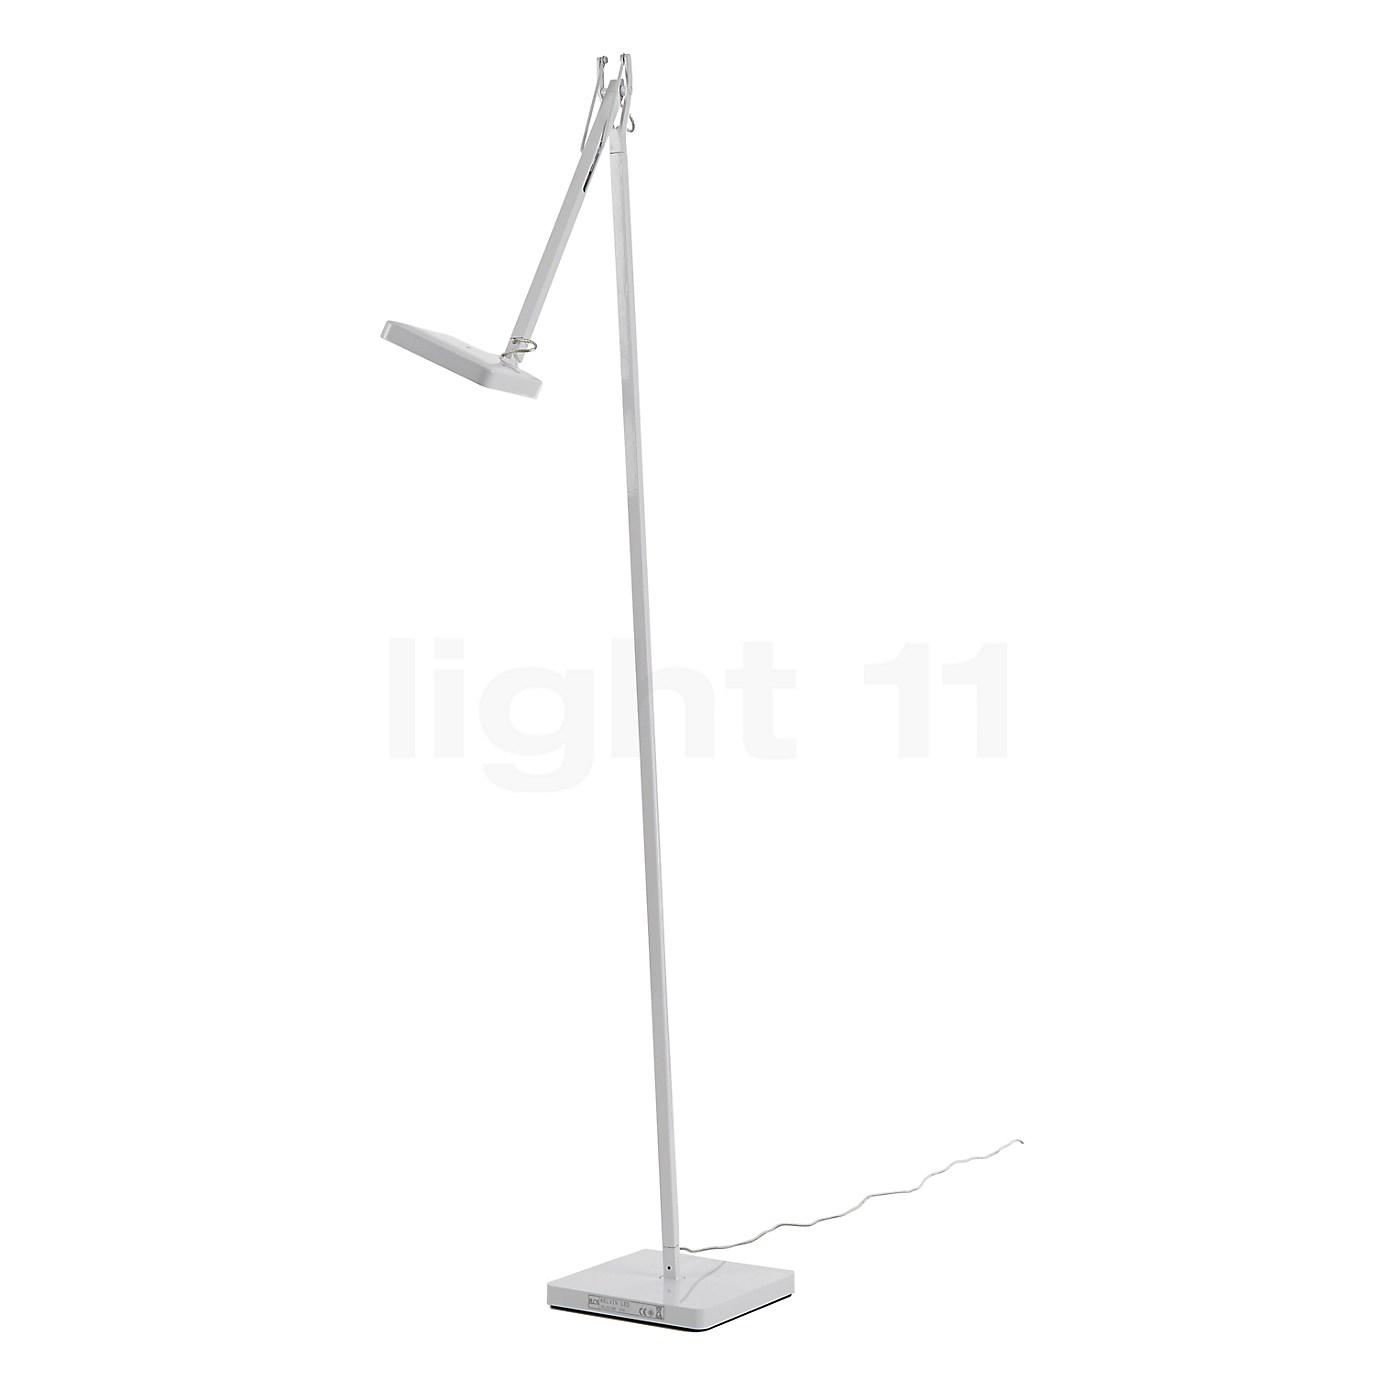 Flos Kelvin LED F Leseleuchte kaufen bei light11.de